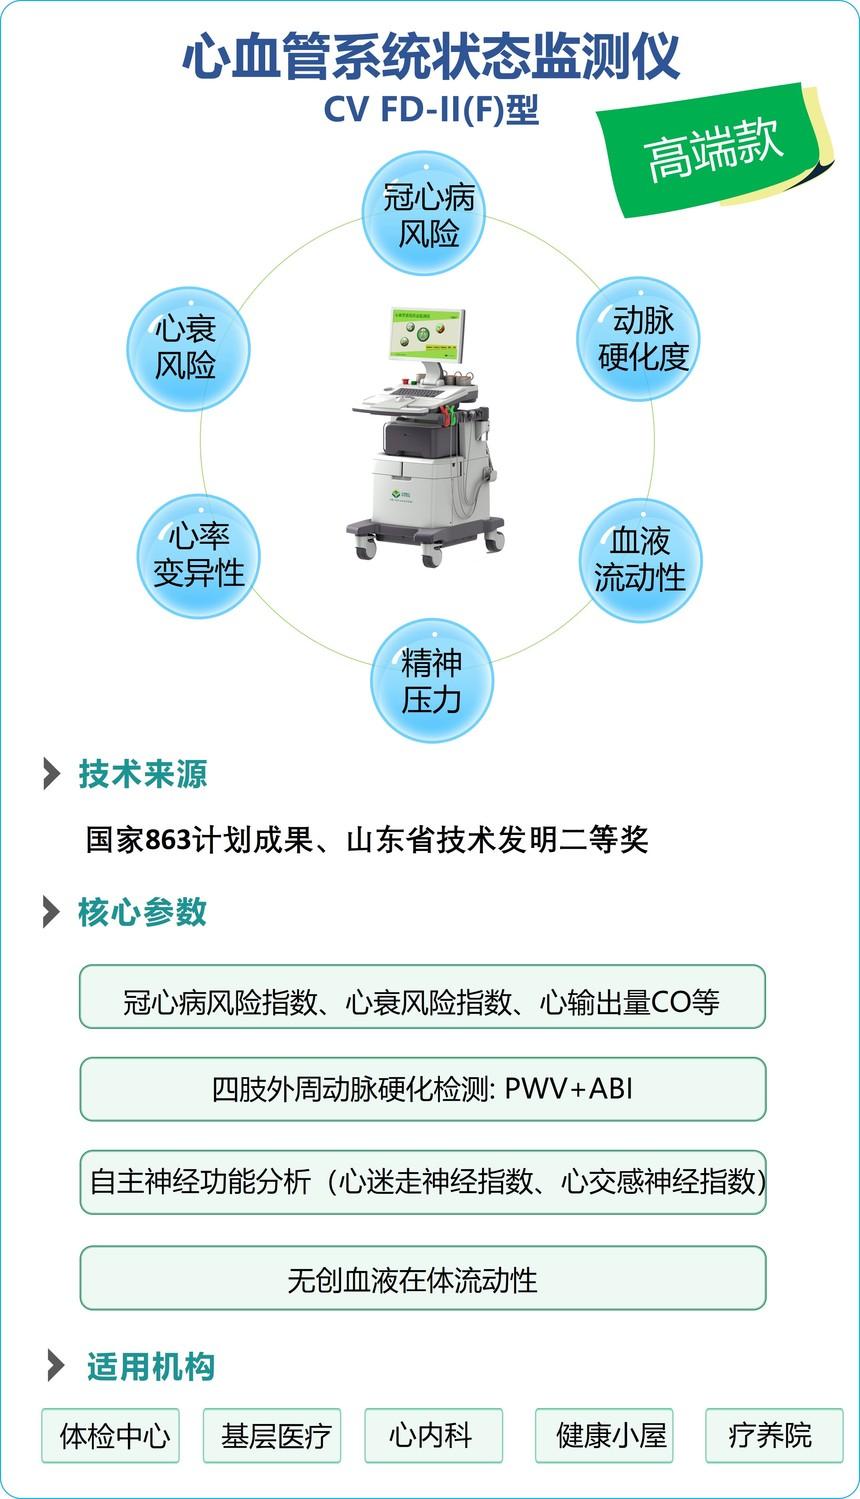 台式心血管检测仪.jpg